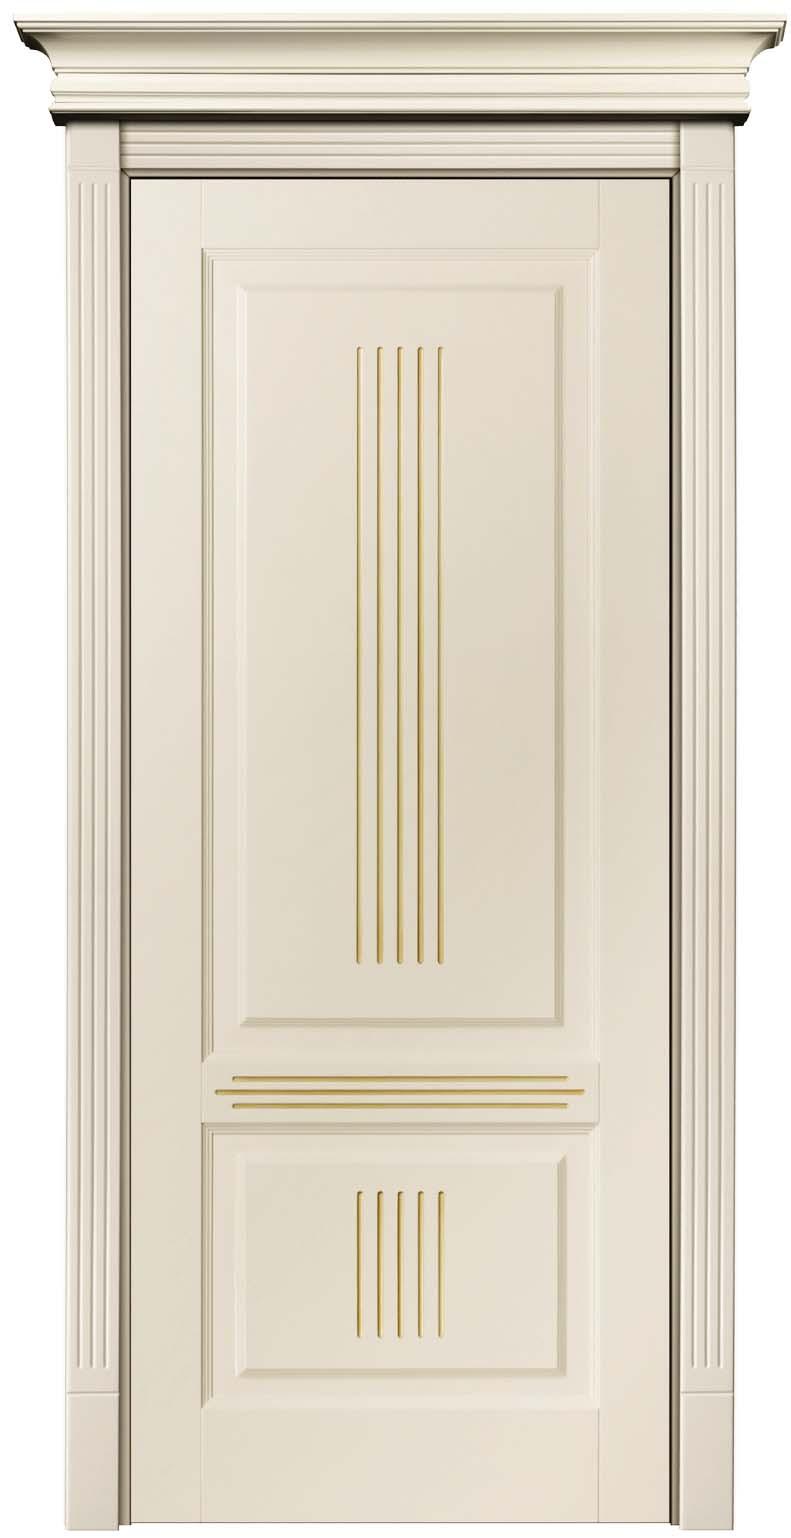 Патинированная дверь из массива окрашенная бежевой эмалью с патиной Карамель